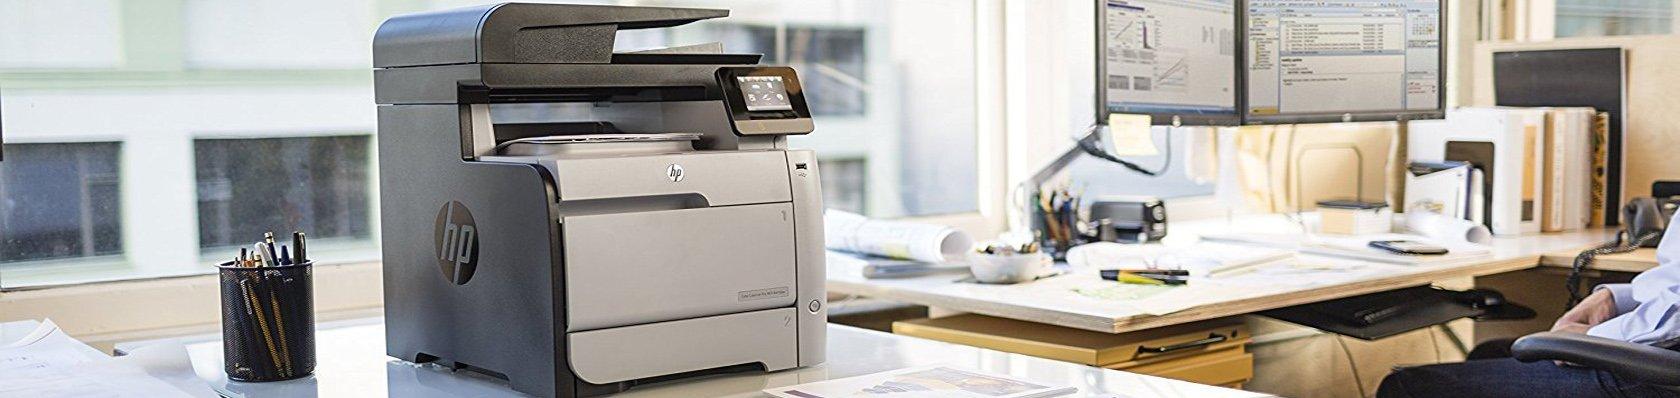 Laserdrucker mit Scanner im Test auf ExpertenTesten.de